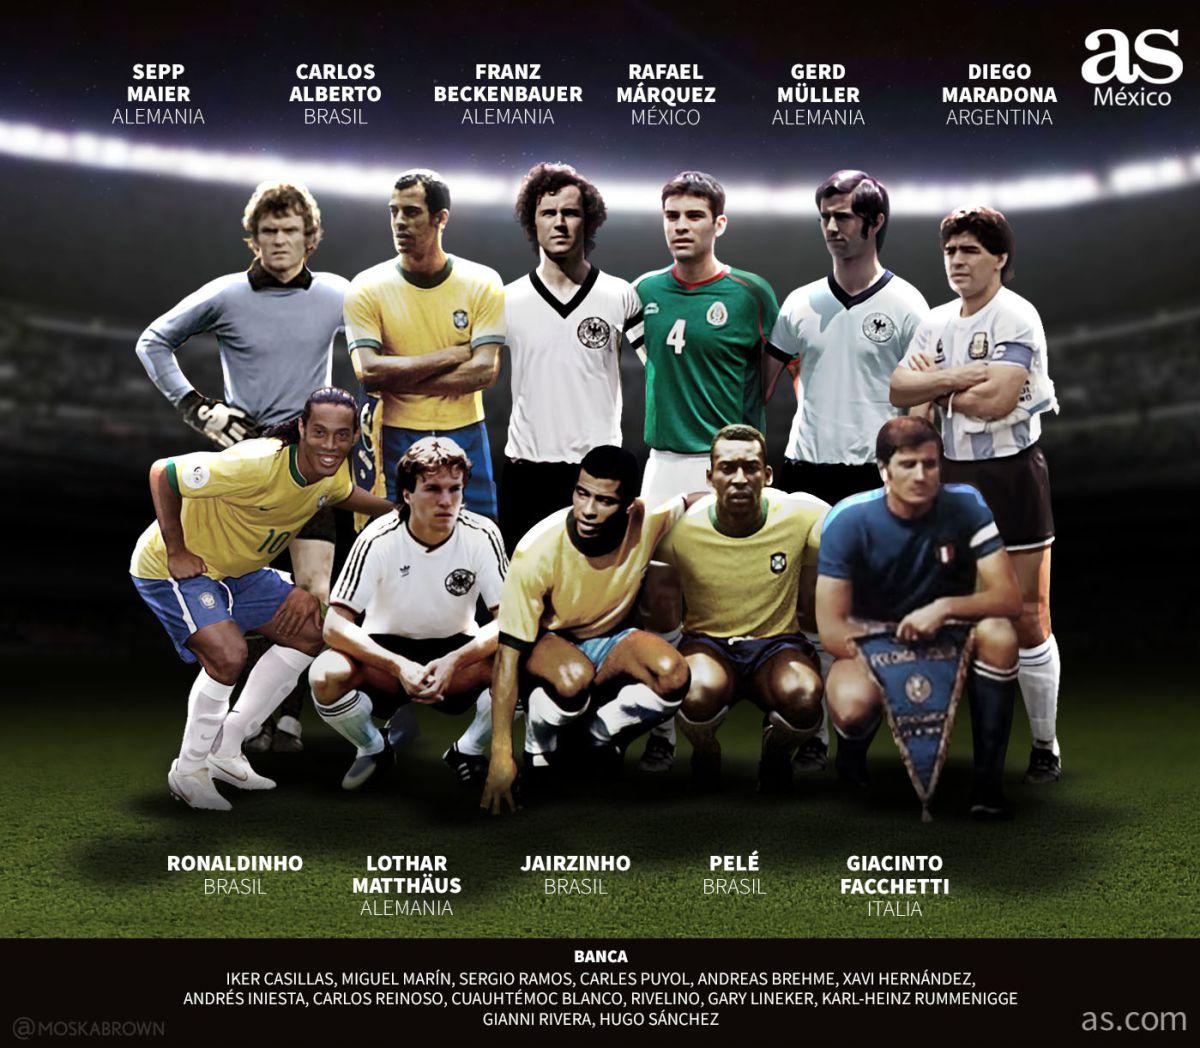 El XI ideal de jugadores en el Estadio Azteca